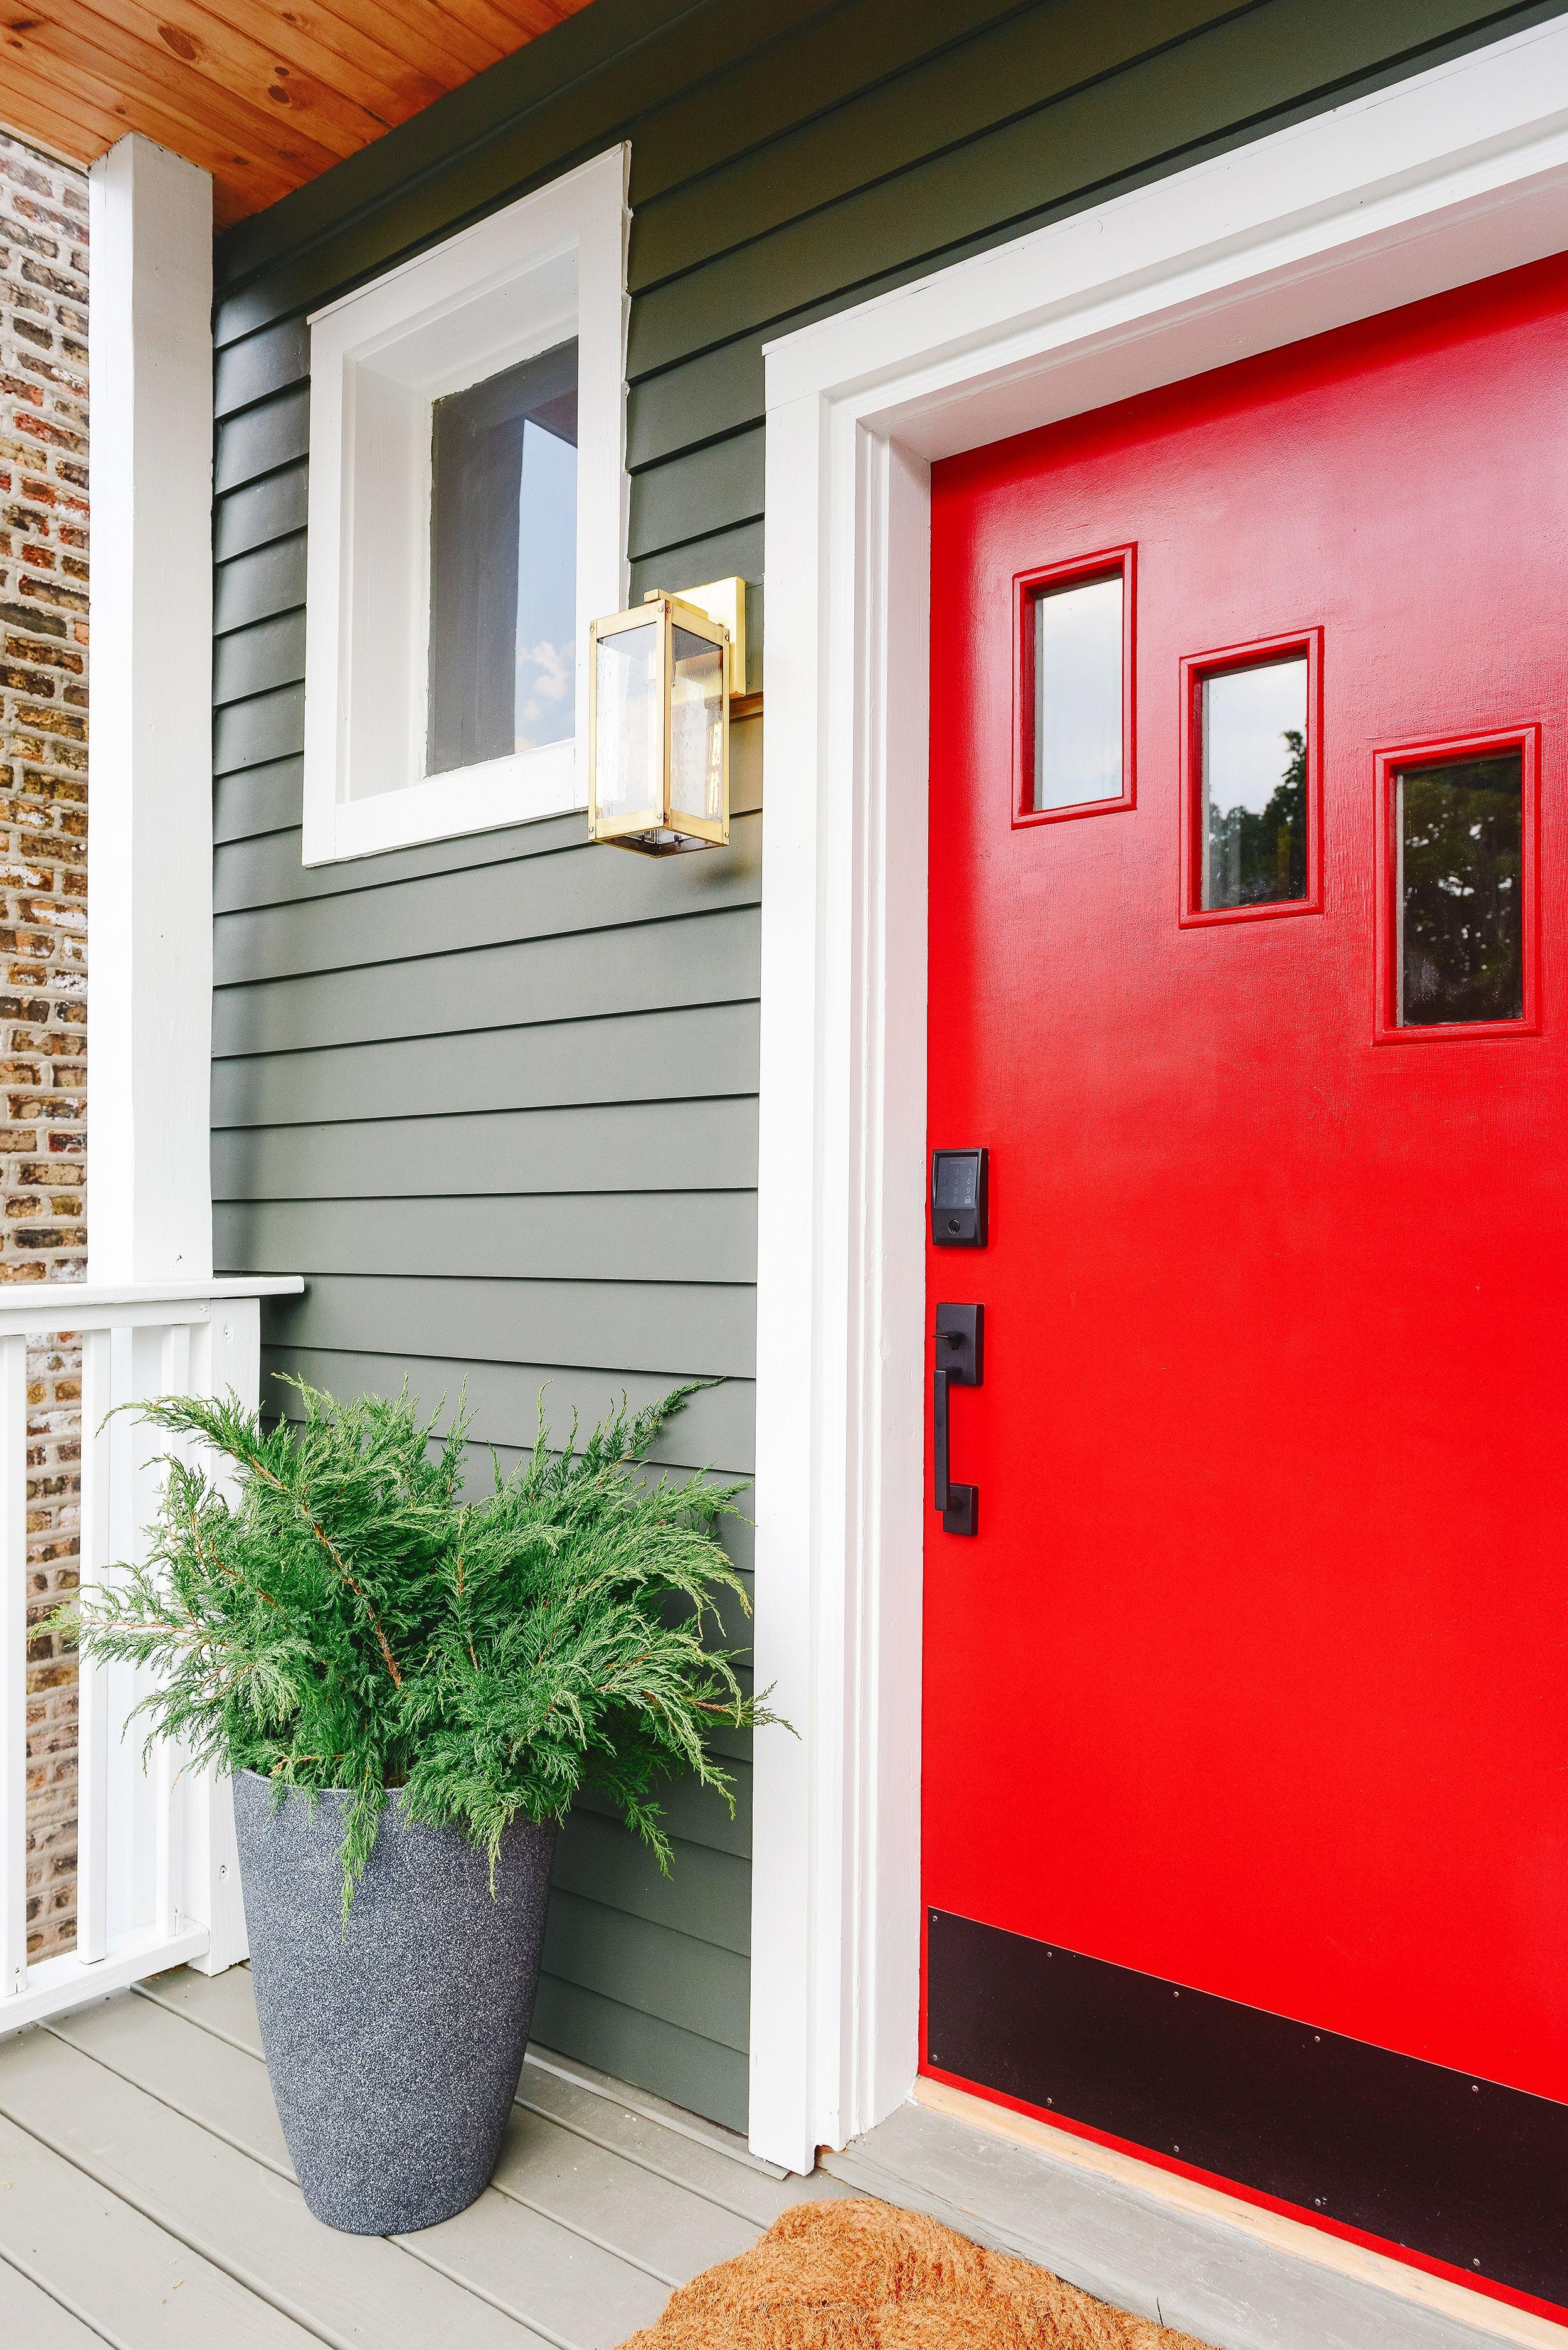 Pairing Smart Technology With Our Vintage Doors In 2020 Vintage Doors Red Front Door Chevron Door